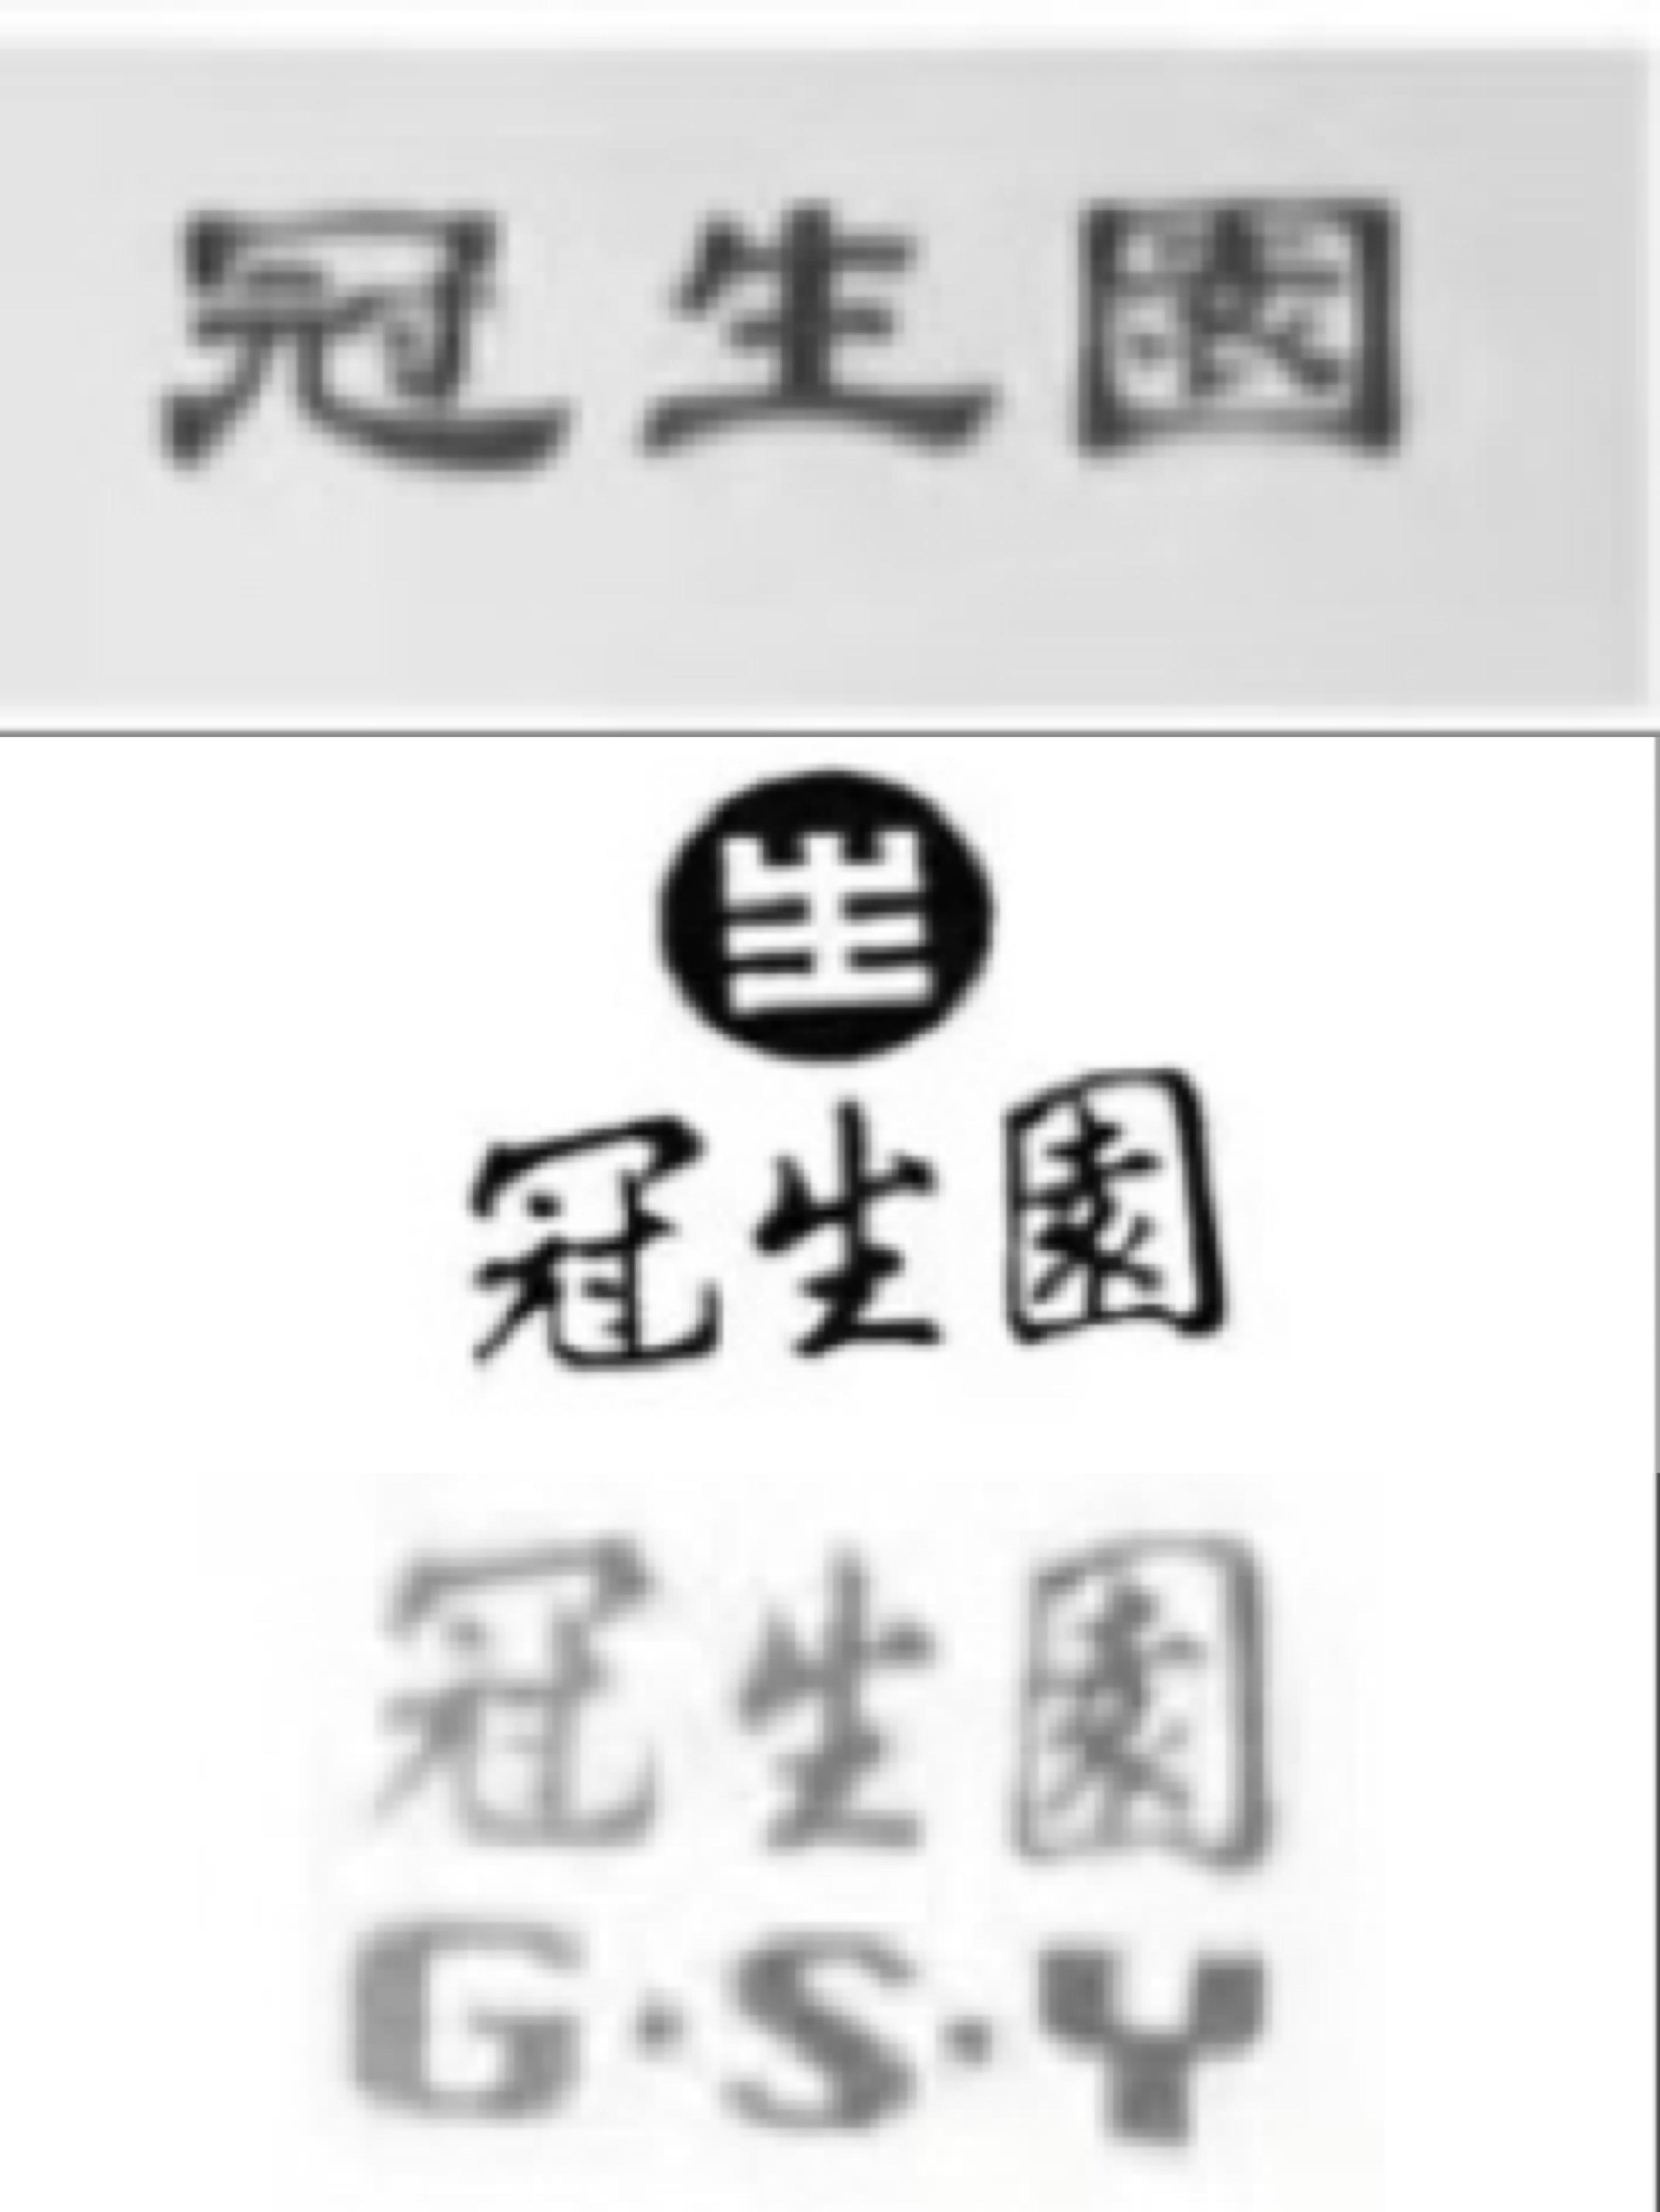 三张涉案图片商标 图片来自上海知识产权法院